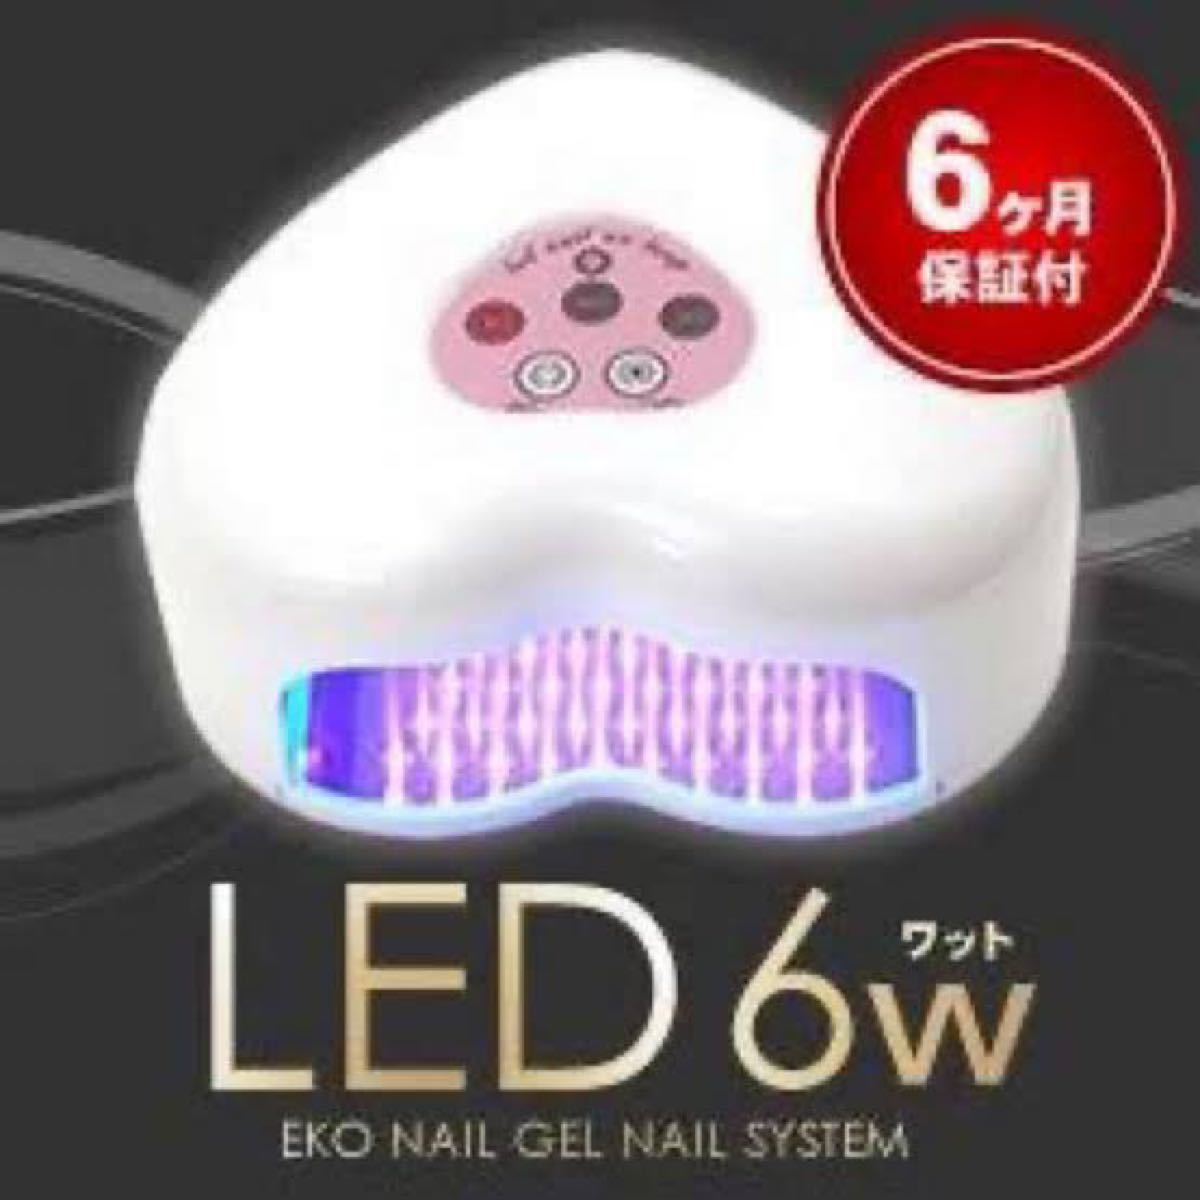 【ネイルセット】DASHING DIVA マジックプレス MJP124     LEDライト ジェルネイル